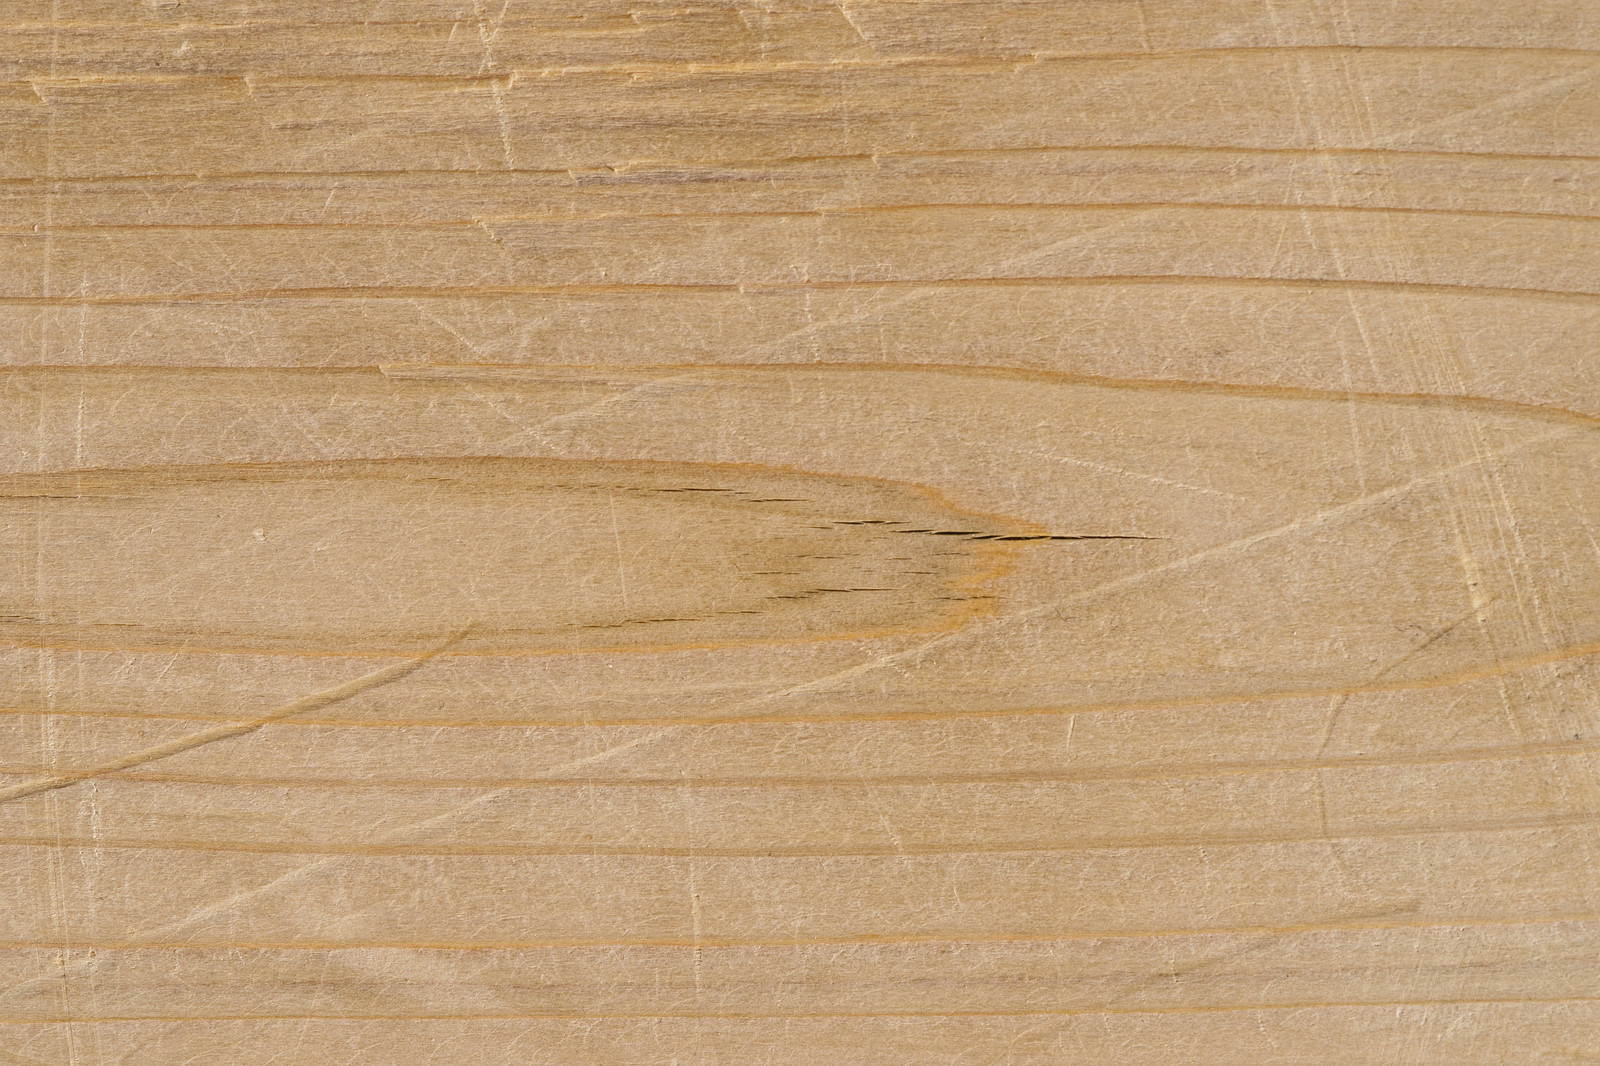 「傷が多い木目」の写真